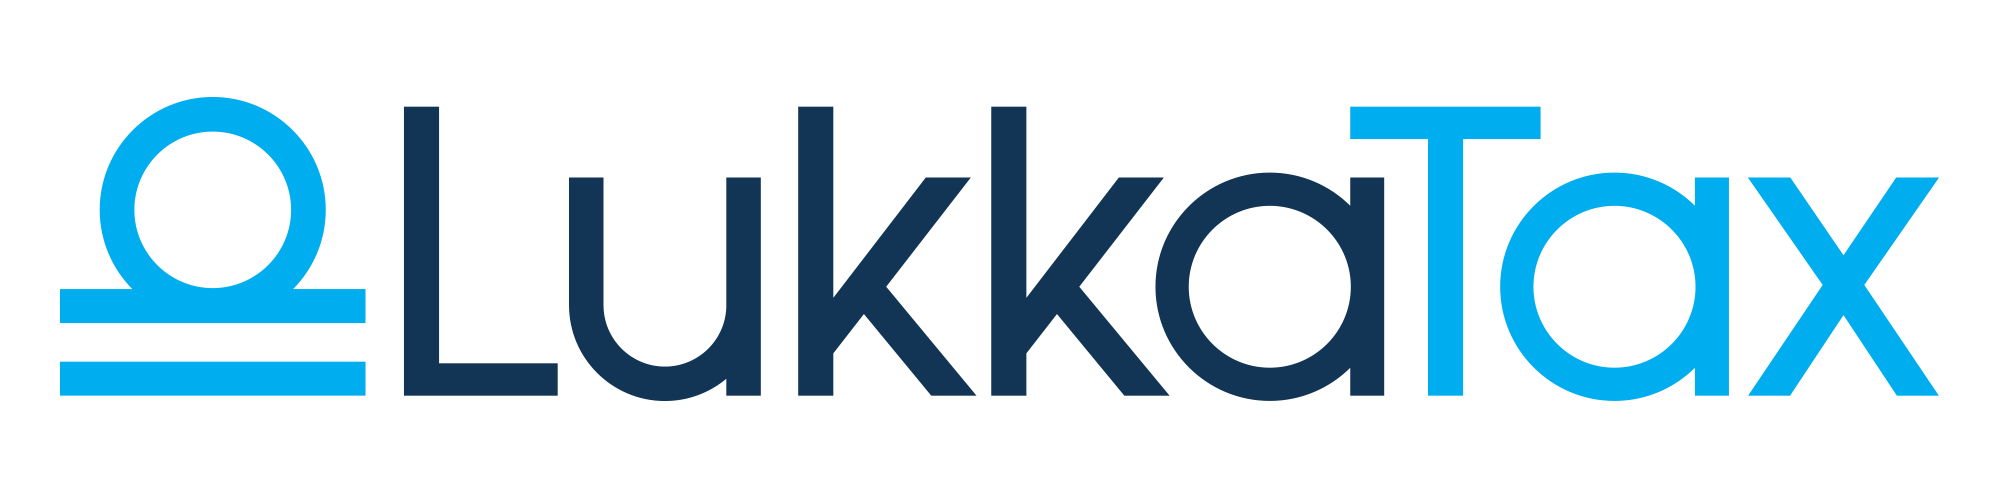 LukkaTax_Logo (1) (2).png